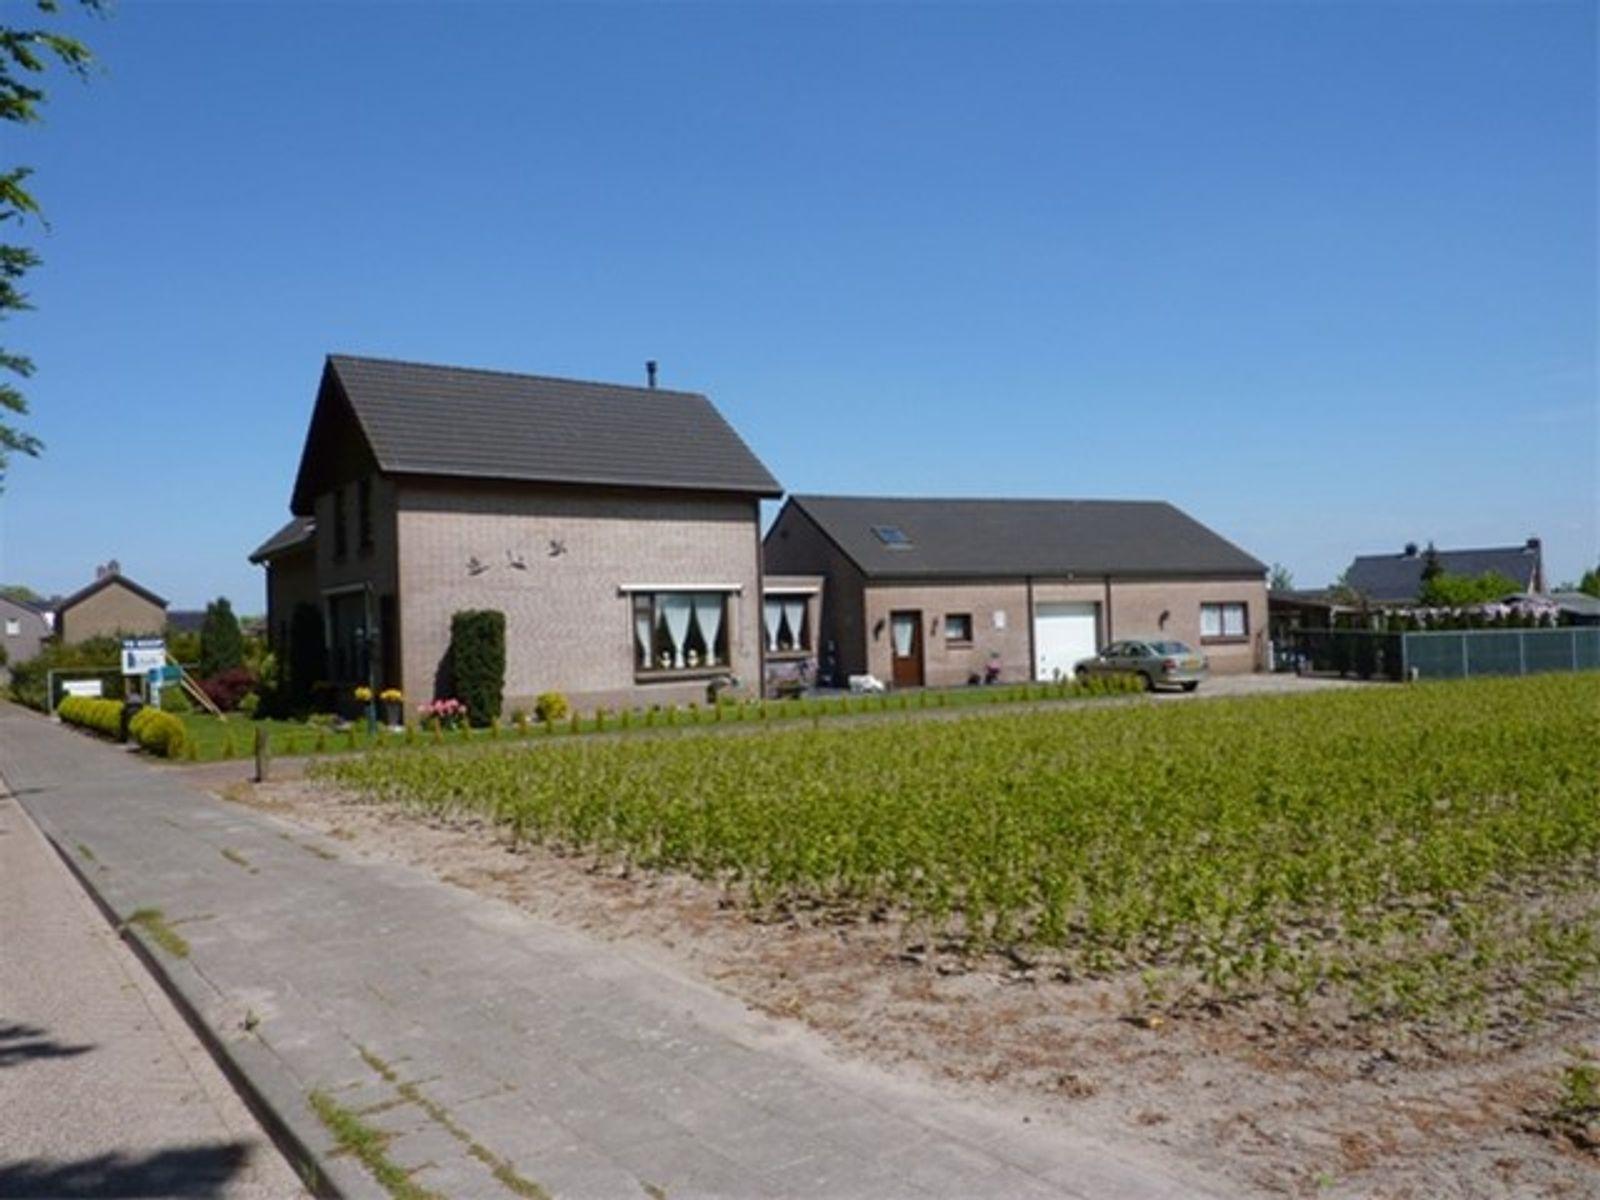 Half vrijstaande woning met aanbouw en loods gelegen aan een doorgaande weg, tussen de dorpskernen van Wernhout en Zundert. Veel voorzieningen zoals winkels, horeca en sportfaciliteiten, zijn nabij gelegen. De woning is o.a. voorzien van een woonkamer met sfeervolle schouw en houtkachel, een nette woonkeuken, badkamer met douche en ligbad op de begane grond en twee slaapkamers. De royale tuin is verzorgd aangelegd en is gunstig gelegen op het zuidoosten. Bij de woning behoort tevens een ruime loods met zolderruimte die veel mogelijkheden biedt.   BEGANE GROND Entree/hal biedt toegang tot de woonkamer. Afwerking- Tegelvloer, behangen wanden en een Agnes plafond.  Ruime woonkamer met sfeervolle schouw en houtkachel. Via een vaste trapopgang is er toegang tot de 1e verdieping en onder de trap bevindt zich de kelder. Afwerking- Vloerbedekking, deels schoonmetselwerk wanden, deels granollen wanden en een sierbalken plafond.  Woonkeuken met keukeninrichting in hoekopstelling, uitgerust met een kunststof werkblad, spoelbak, 4-pits gaskookplaat, afzuigkap, combimagnetron, koelkast, bovenkastjes en onderkastjes. Afwerking- Tegelvloer, granollen wanden en een sierbalken plafond.  Praktische bijkeuken/achterentree met aansluitingen voor de wasmachine en droger.  Afwerking- Tegelvloer, stucwerk wanden en een MDF plafond.  Toiletruimte met zwevend toilet en wastafel met meubel. Afwerking- Tegelvloer, wandtegels en een MDF plafond met spotverlichting.   Nette badkamer uitgerust met een ligbad, douche, wastafel met meubel en een designradiator.  Afwerking- Tegelvloer, wandtegels en MDF plafond met spotverlichting.  EERSTE VERDIEPING Overloop met vaste kast en toegang tot twee slaapkamers. Afwerking- Vloerbedekking, behangen wanden en een Agnes plafond.  Slaapkamer aan de achterzijde met wastafel en deur naar het plat dak van de aanbouw.  Afwerking- Vloerbedekking, behangen wanden en een Agnes plafond.  Slaapkamer aan de voorzijde. Afwerking- Vloerbedekking, behangen wanden en een 